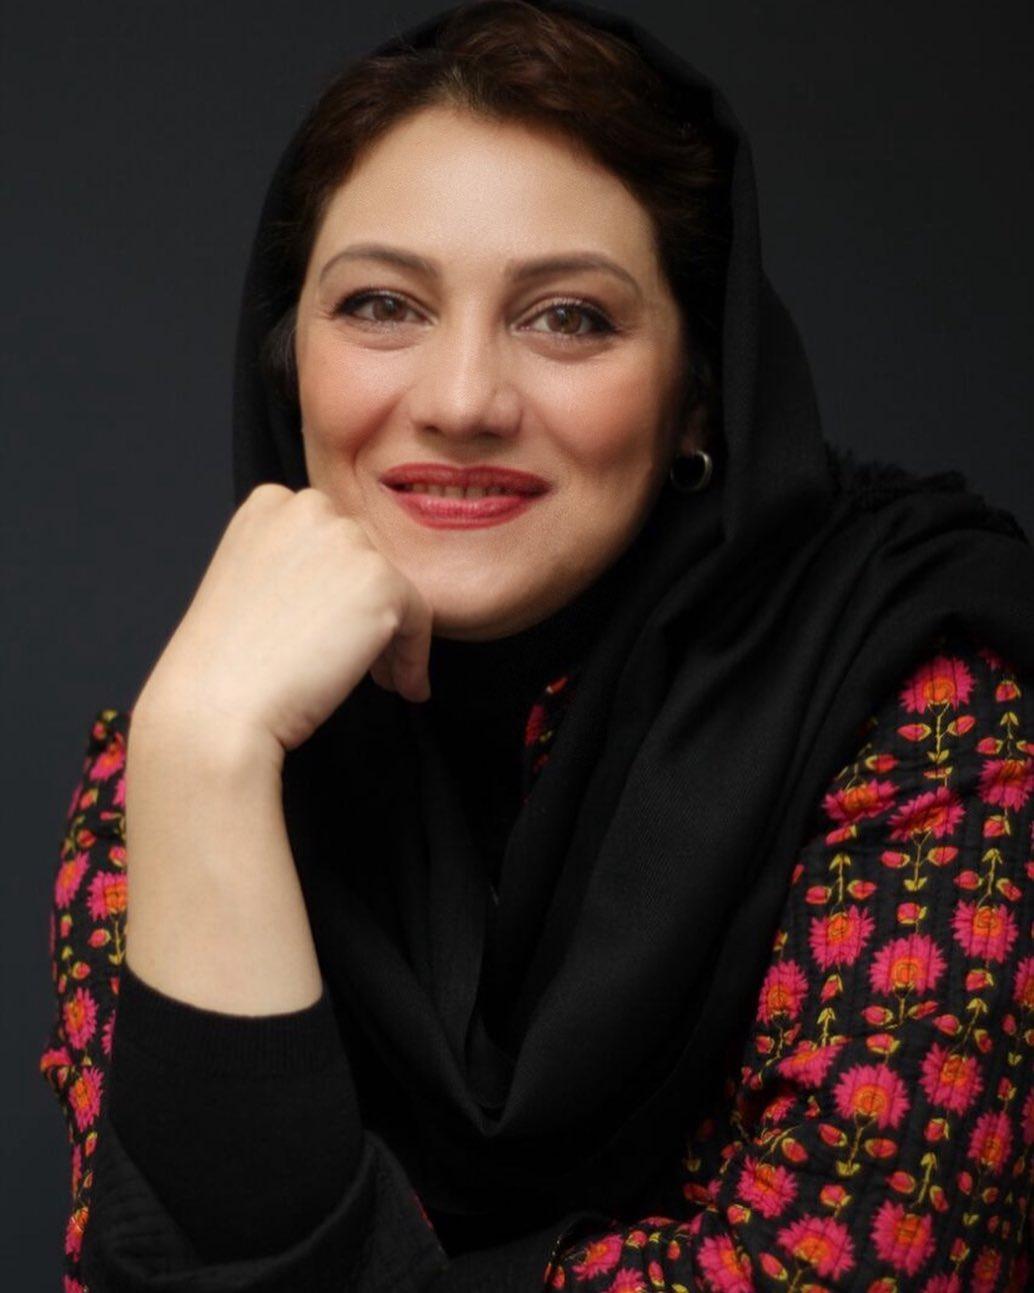 چهره ها/ نوشته شبنم مقدمی در روز جهانی خشونت علیه زنان